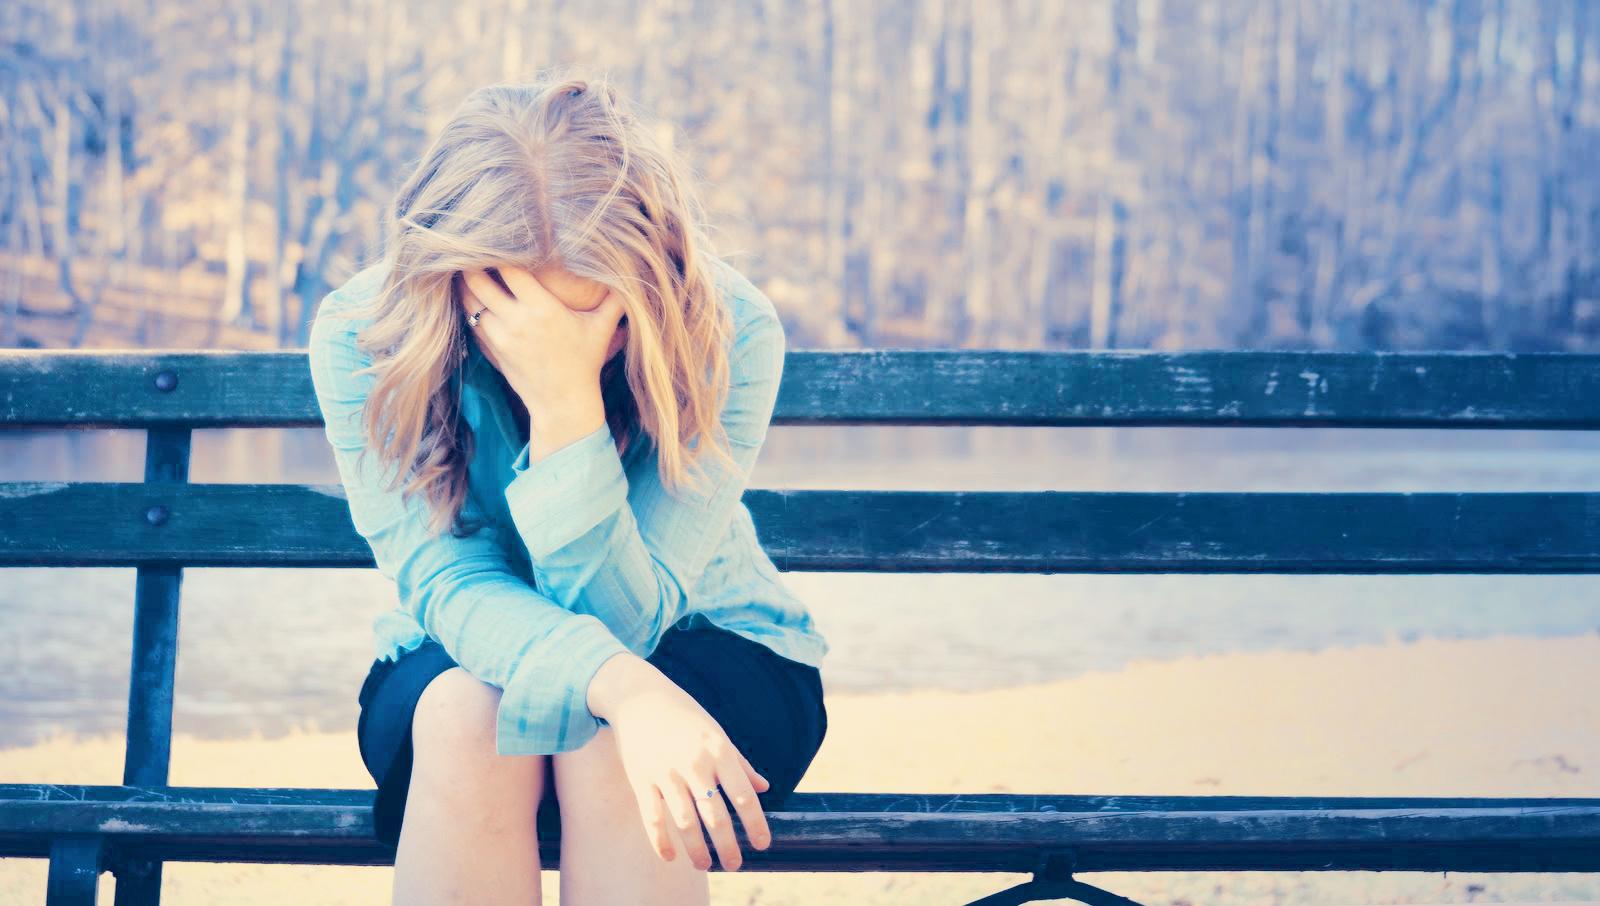 5 signos depresion adolescente